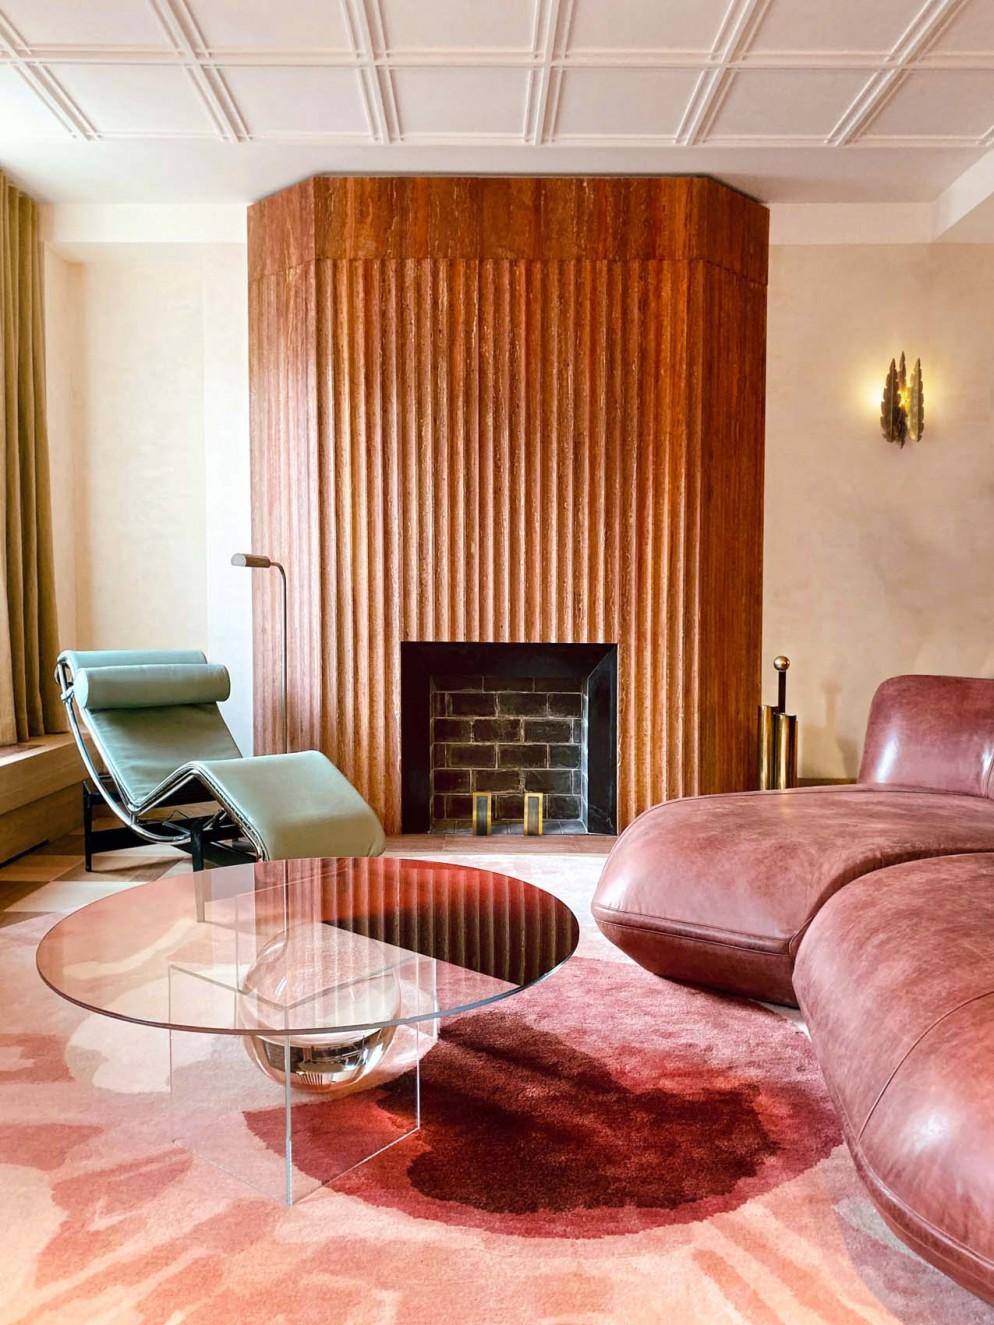 casa-progetto-toro-and-liutard-architetti- Toro-and-liautard01